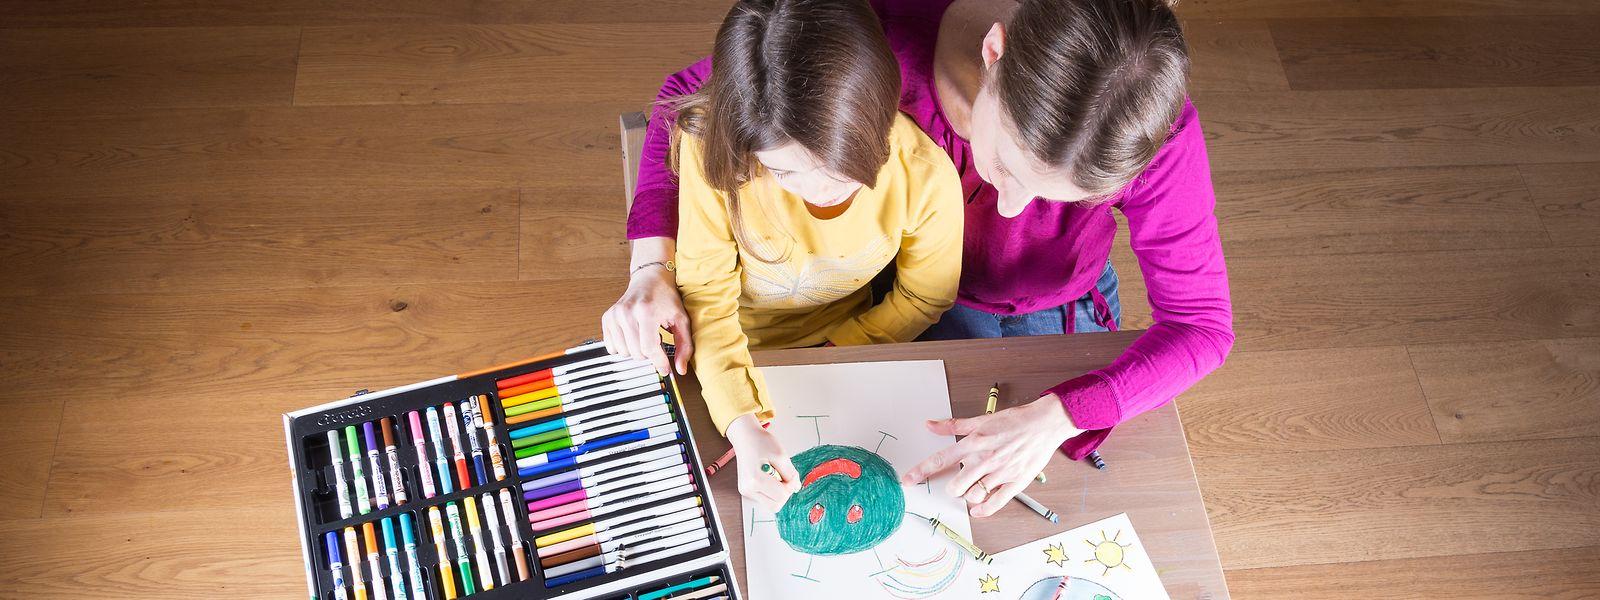 Maité s'est attelée à réaliser toutes les illustrations de son livre.